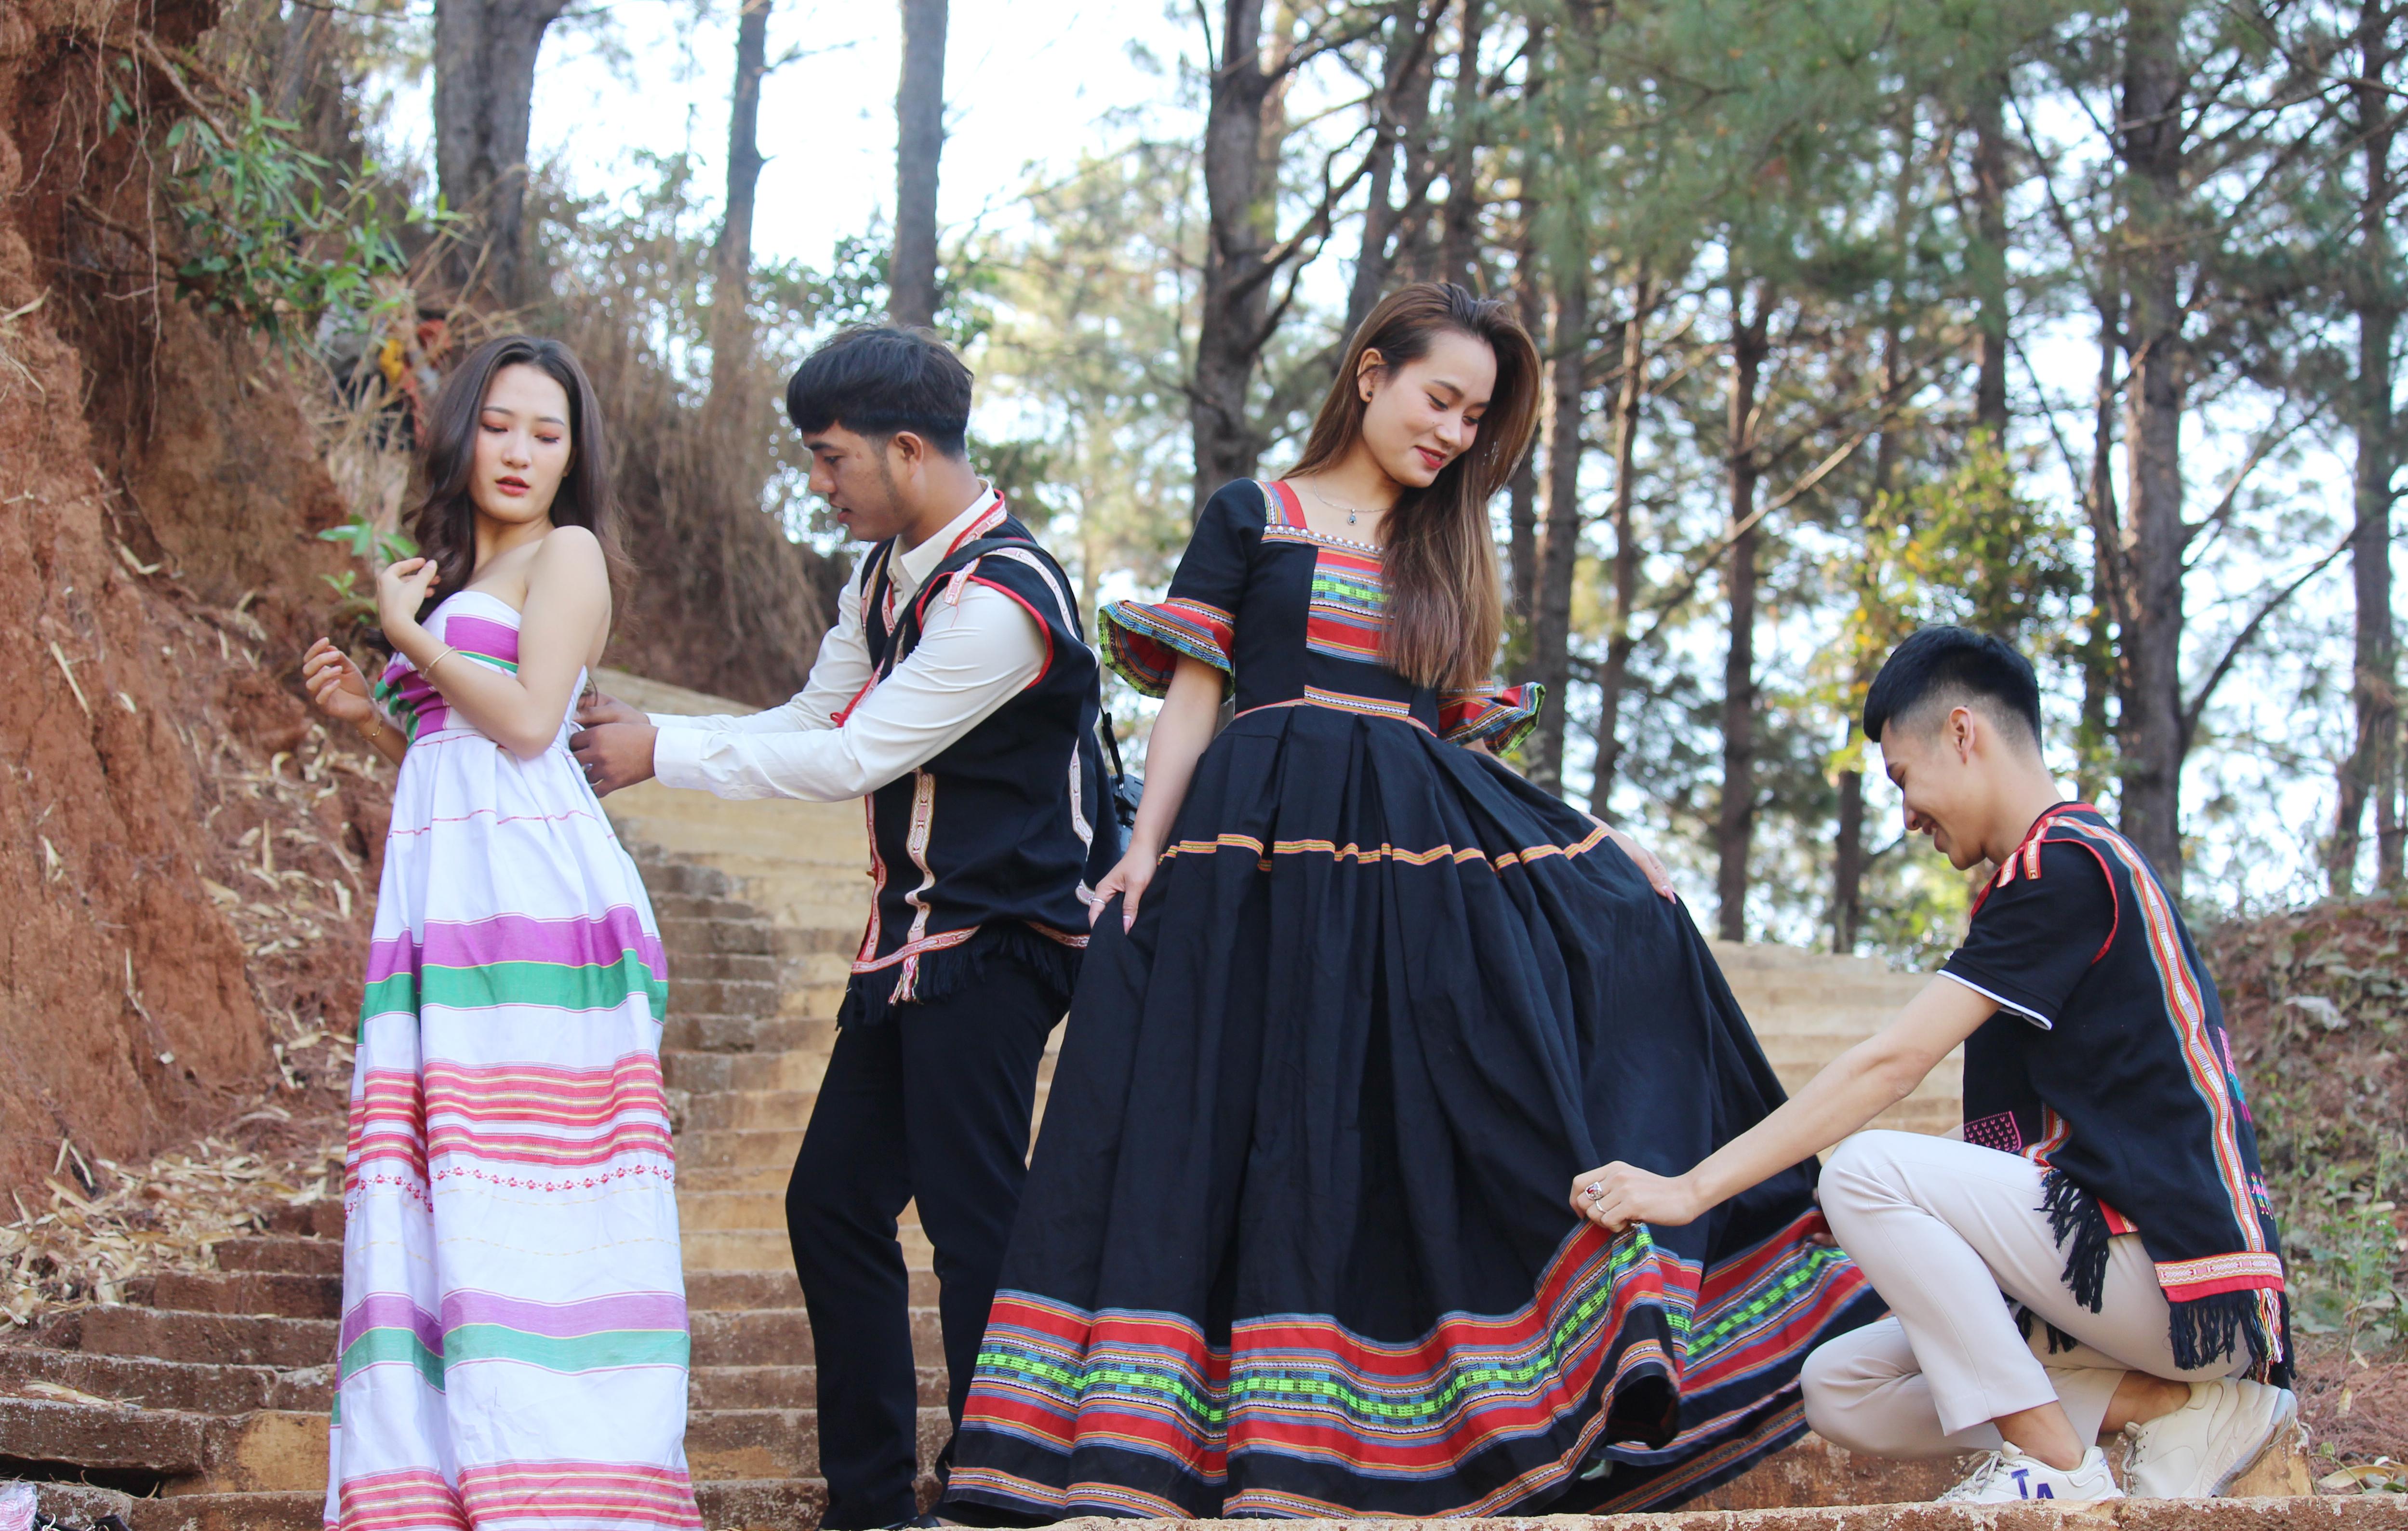 Anh Tưih (thứ 2 từ trái qua) đã đưa phong cách hiện đại vào váy cưới truyền thống và được đông đảo bạn trẻ ủng hộ